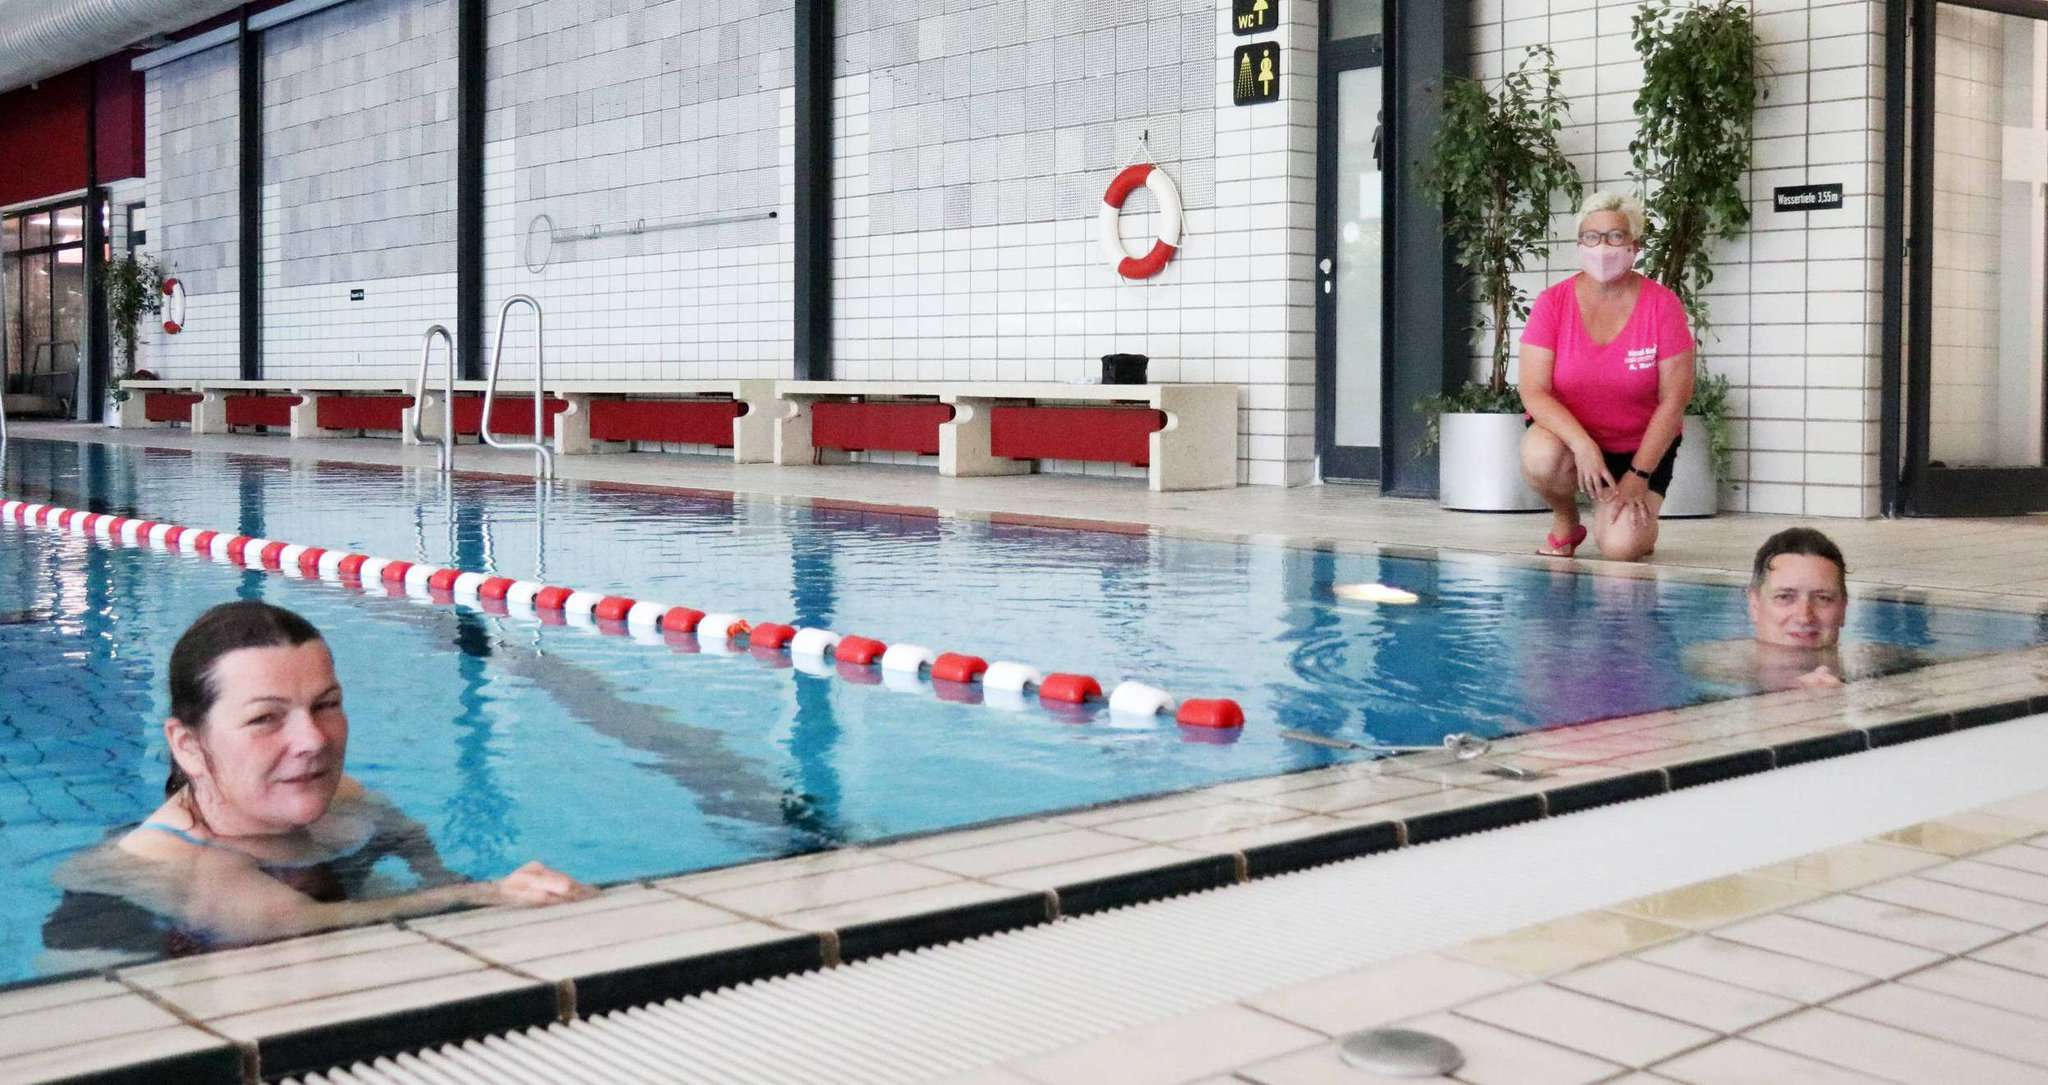 Die Schwimmgäste Britta Schröder und Peter Coors aus Visselhövede genießen das ruhige Schwimmen unter der Aufsicht von Anja Runge.  Fotos: Nina Baucke